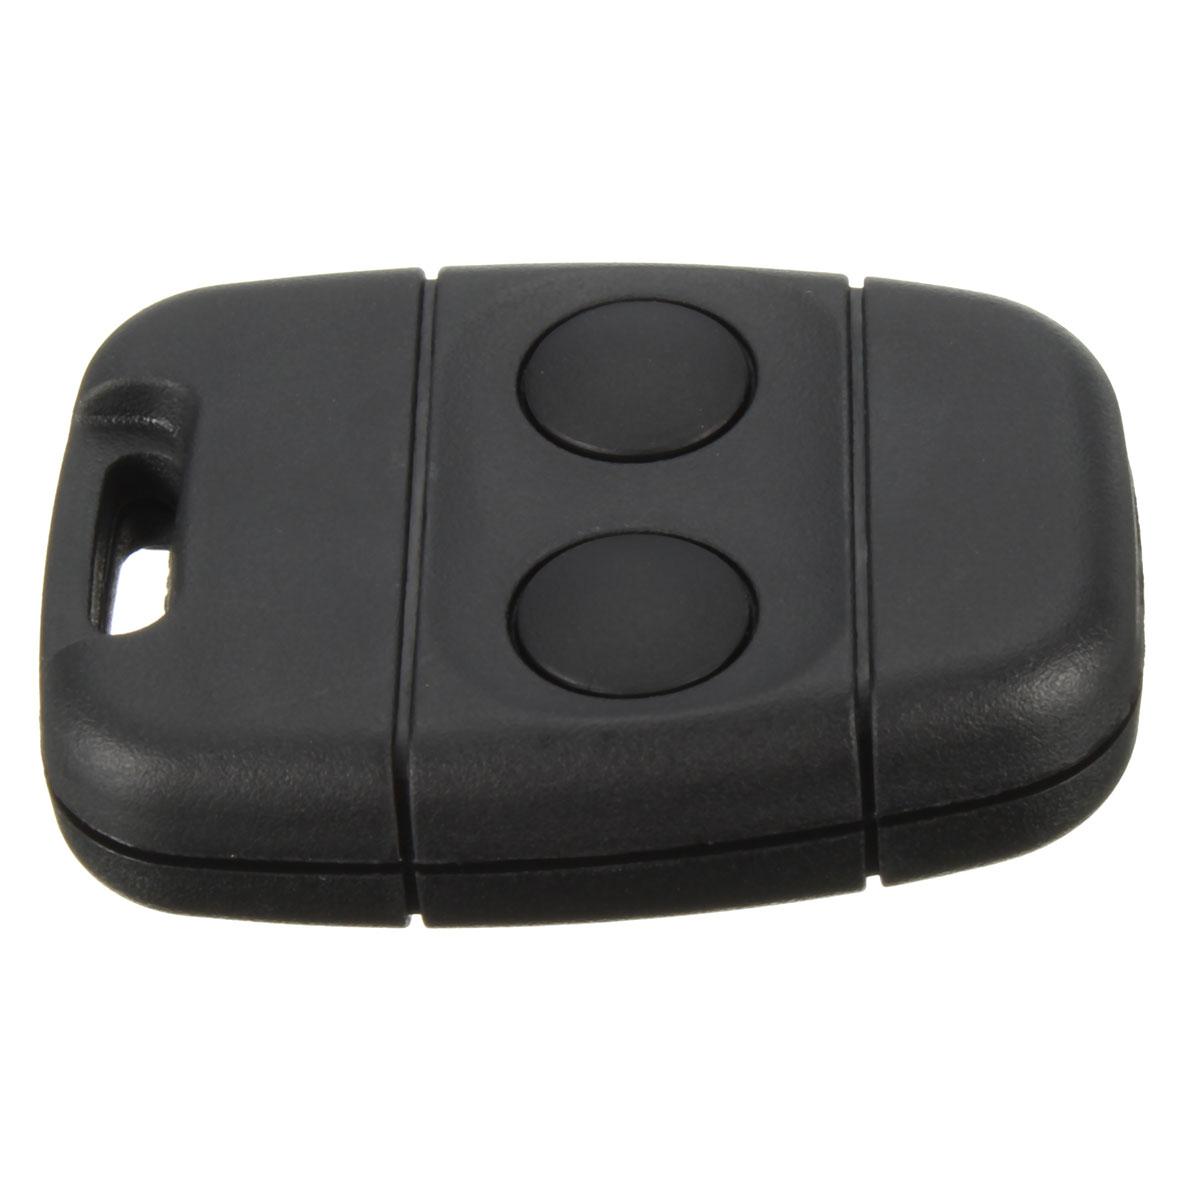 GPS, audio ed elettronica auto Telecamere auto, allarmi, sicurezza Kit di riparazione per ROVER 400 LAND DEFENDER MG LUCAS TELECOMANDO 2 TASTI